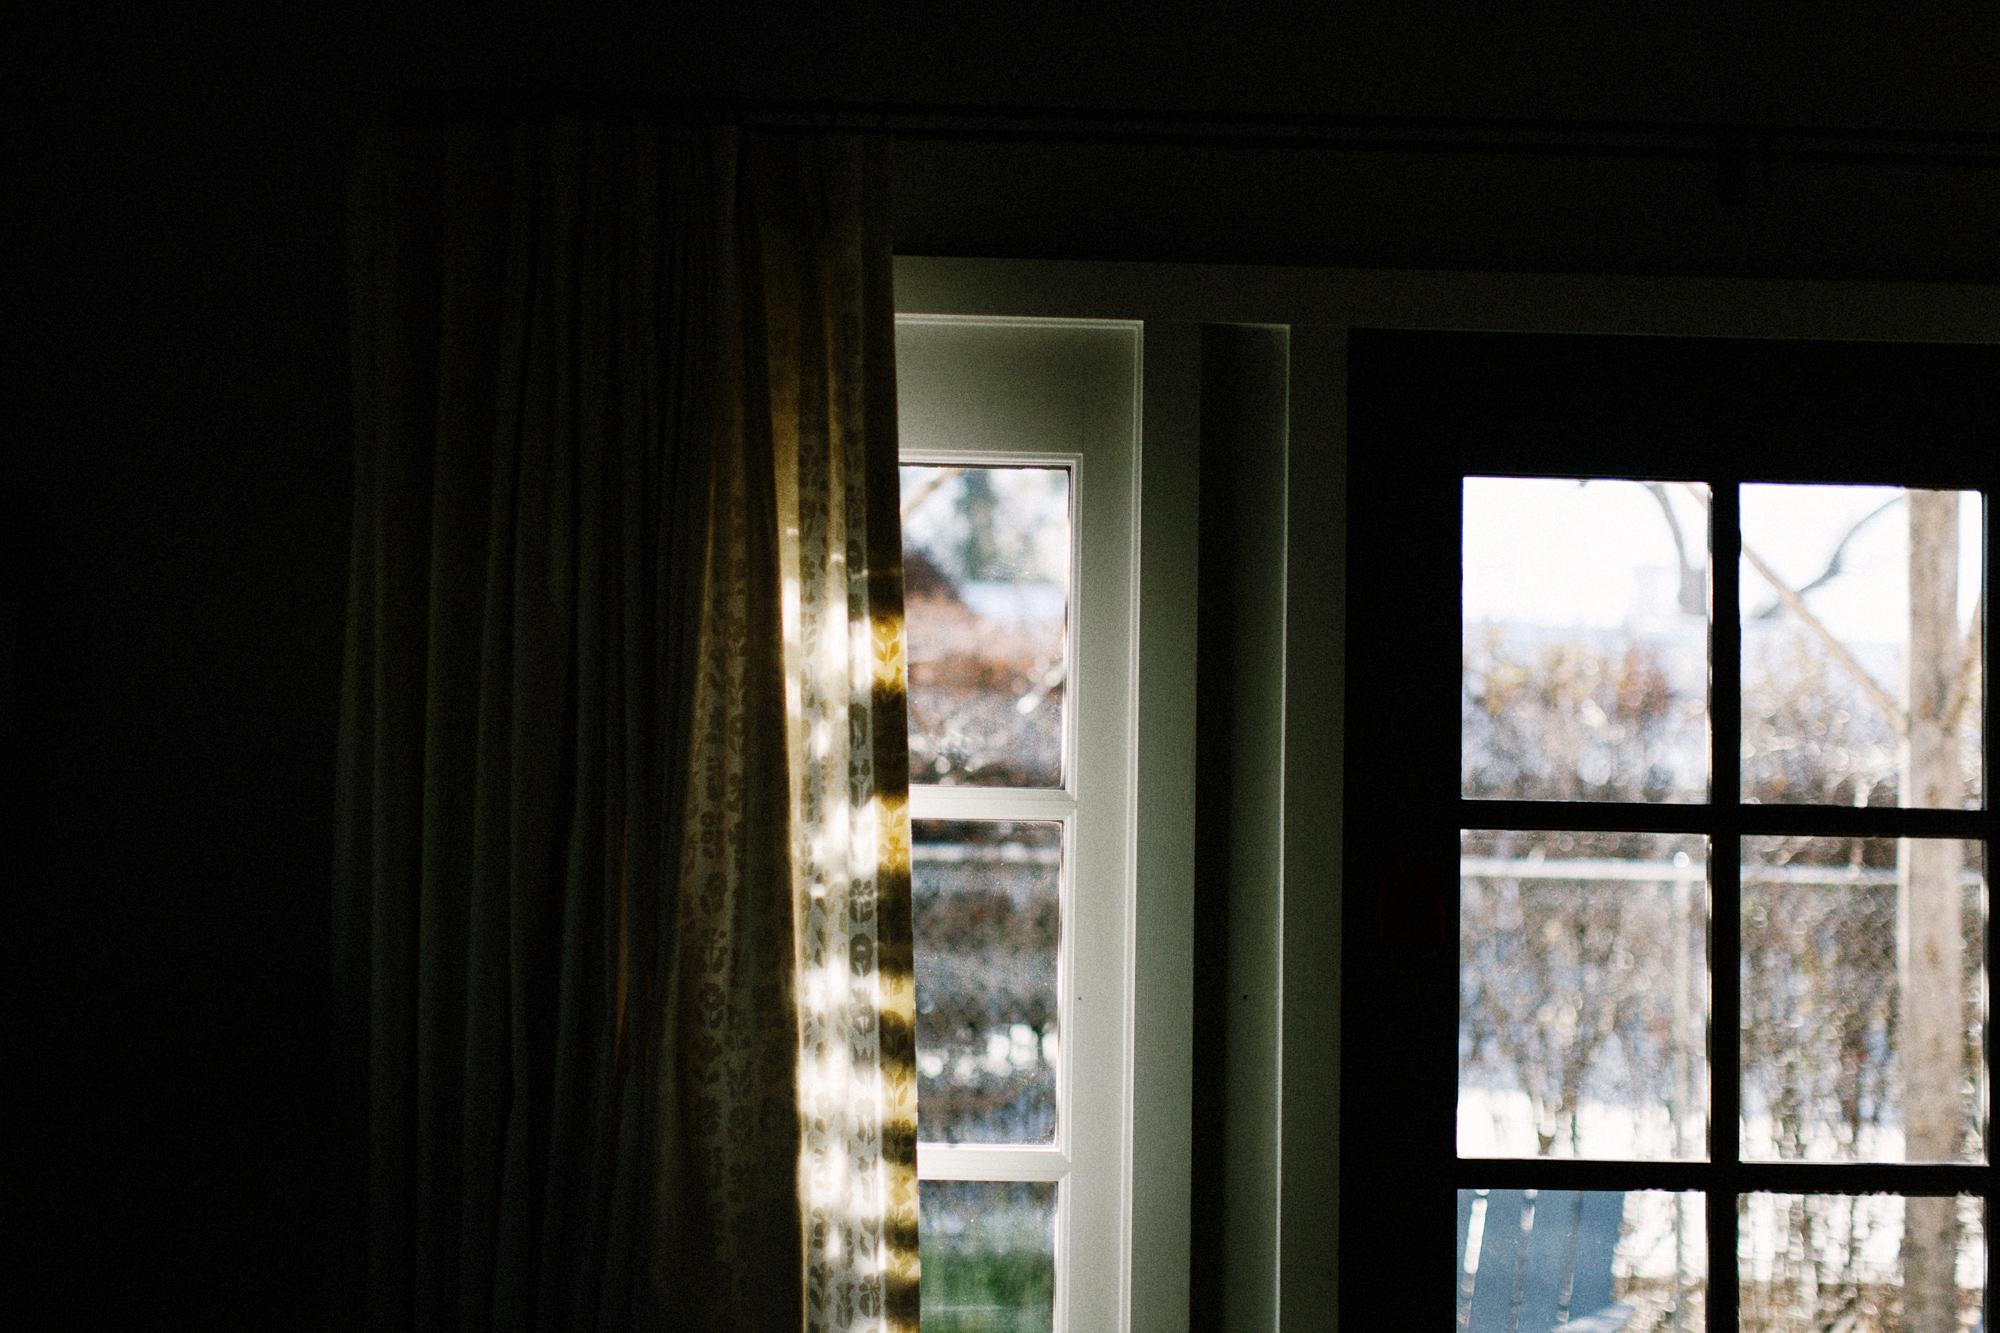 003-window-light--los-poblanos.jpg